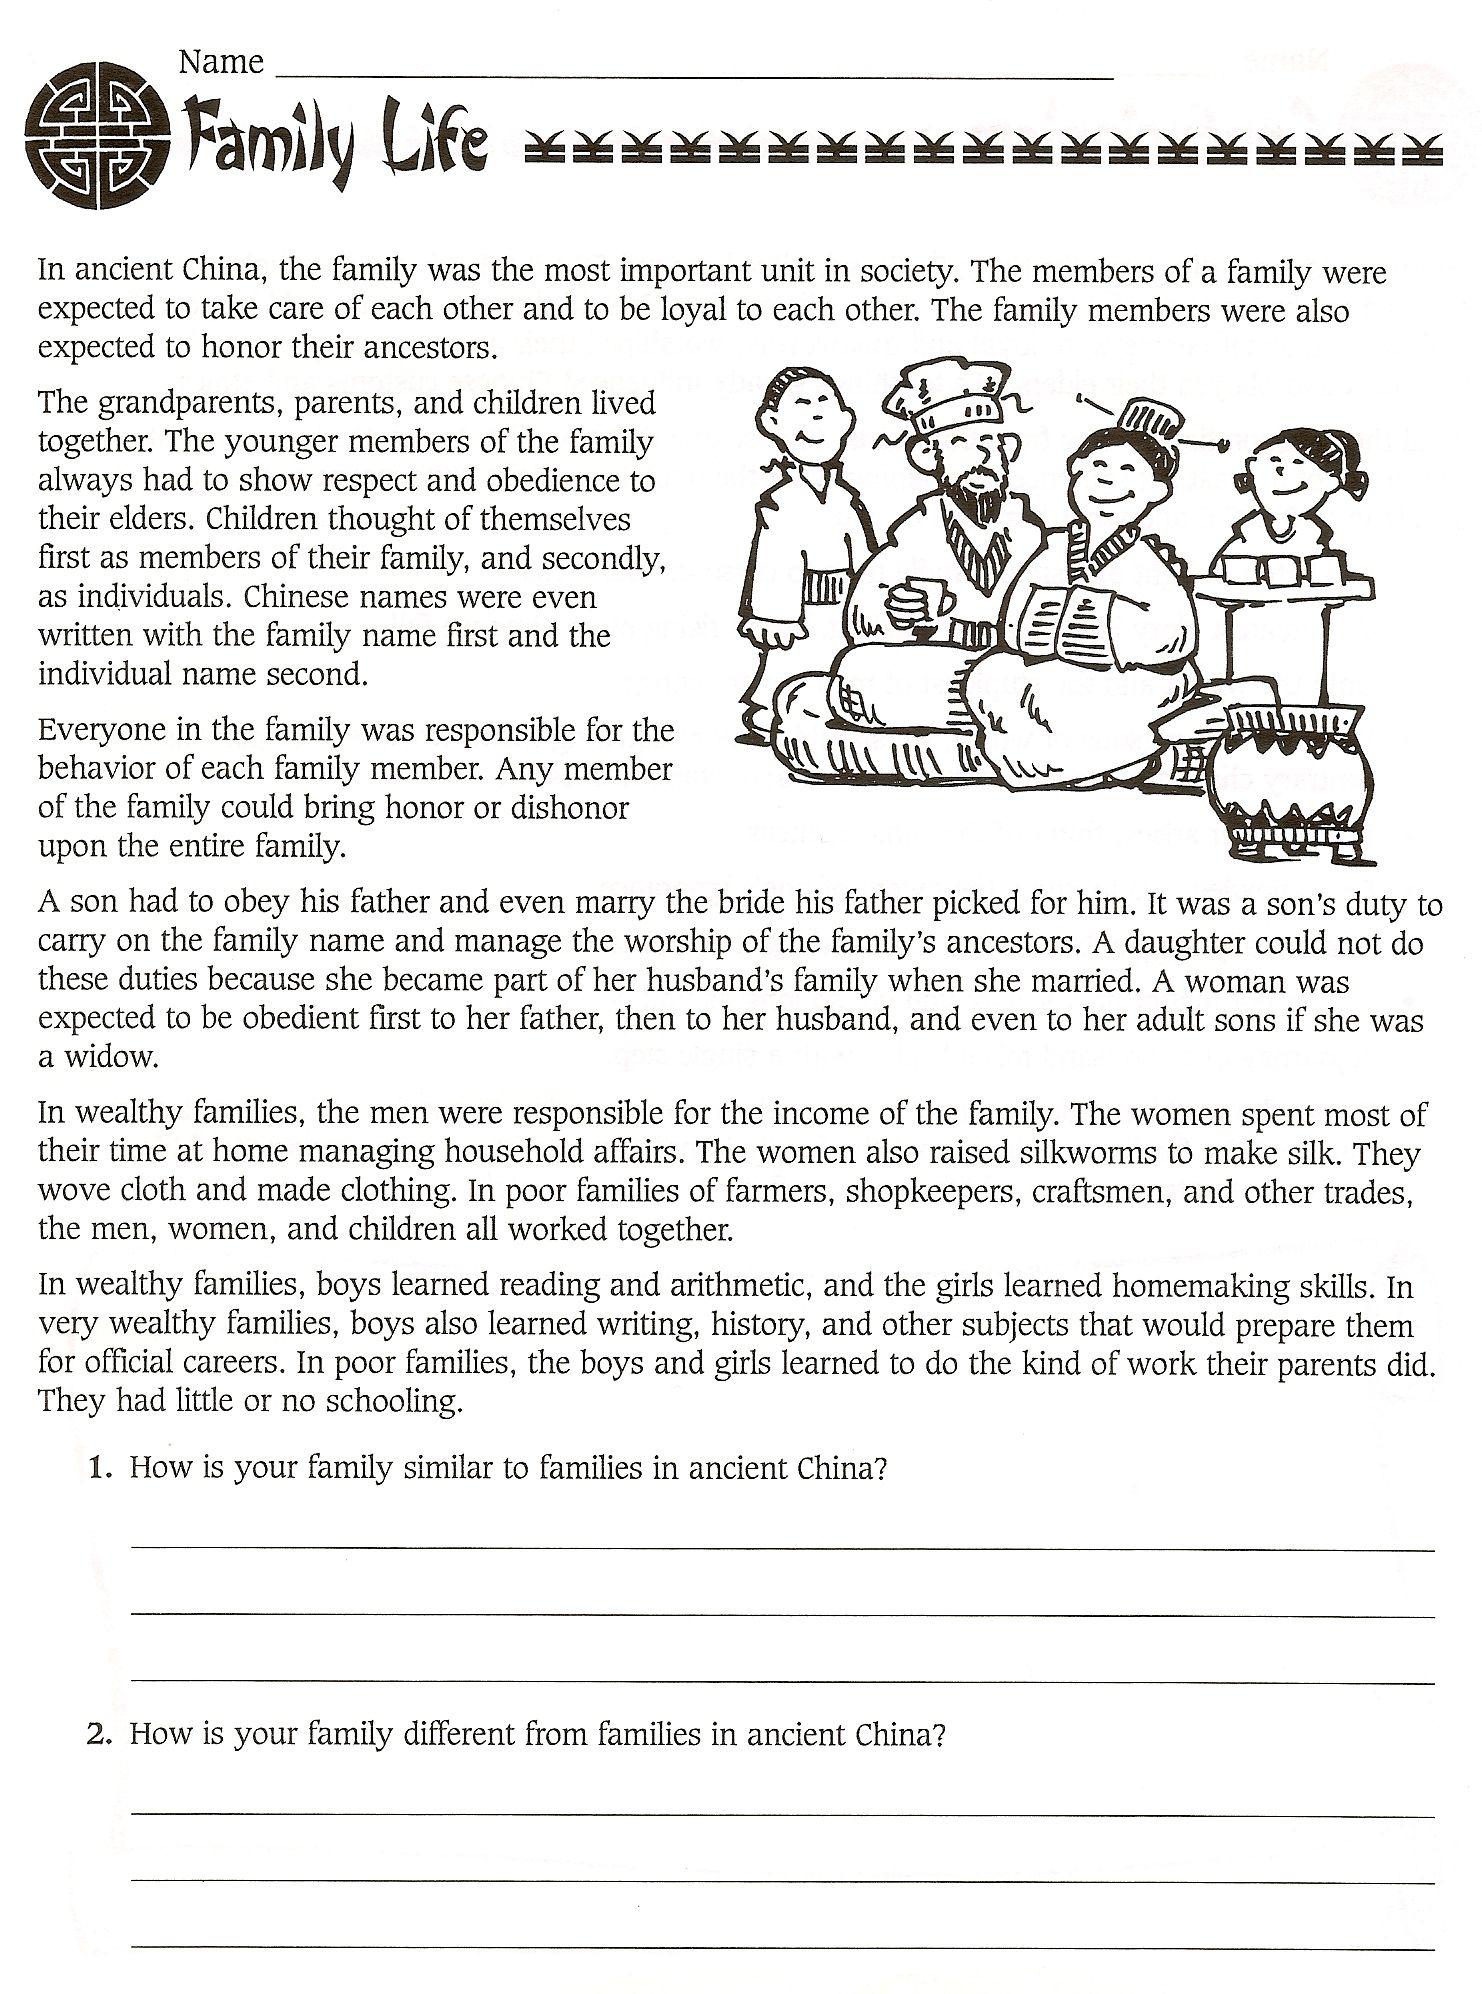 6Th Grade Social Studies Ancient China Worksheets - Free | Ancient China Printable Worksheets